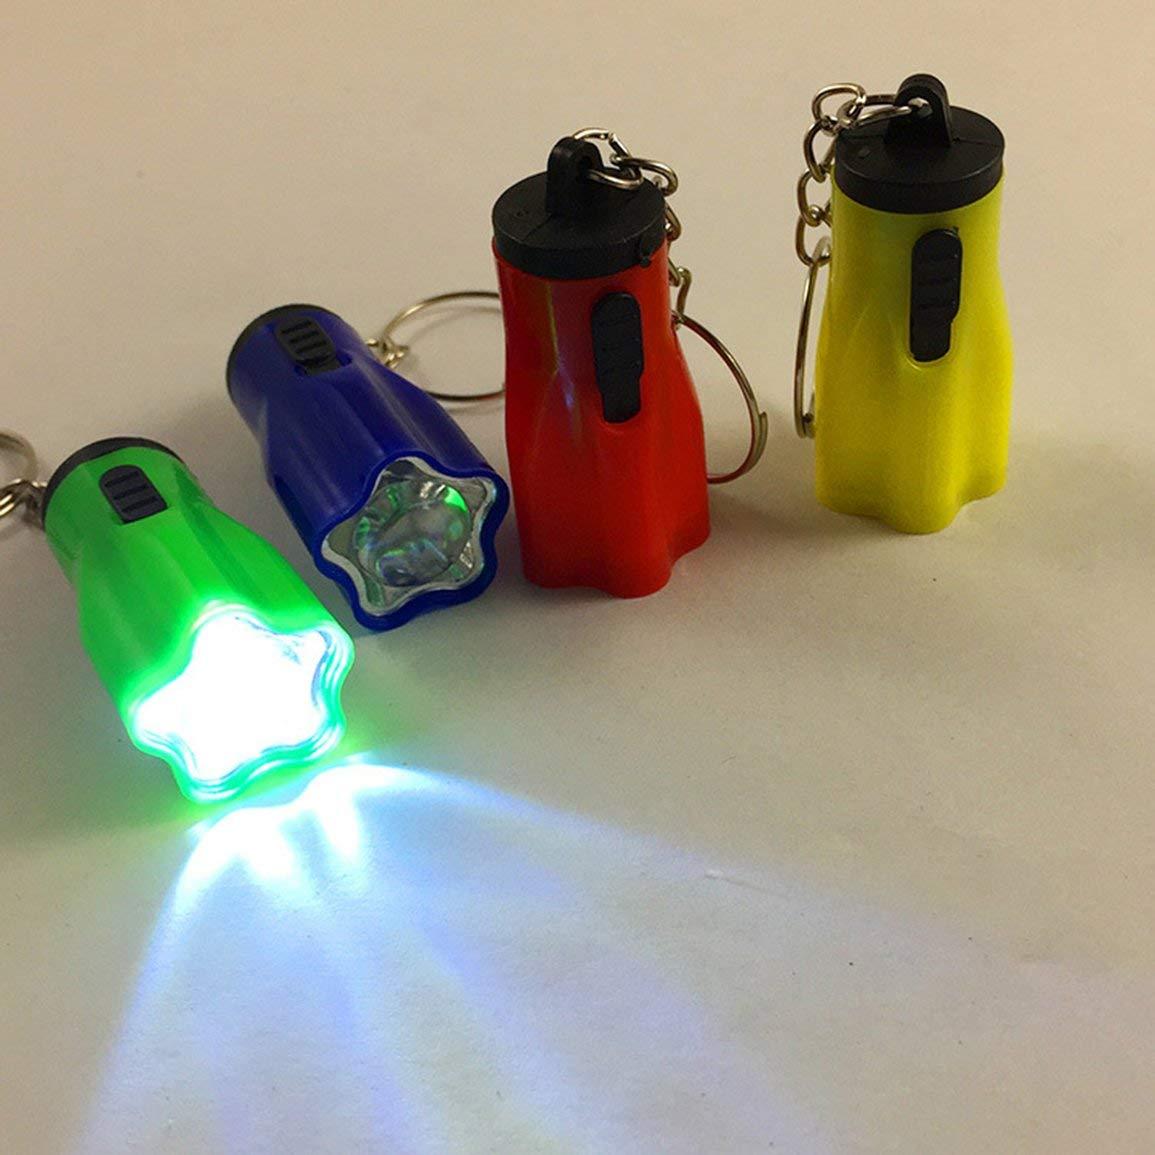 Qinghengyong Color al Azar del Mini Bolsillo Linterna LED LED Linterna antorcha Llavero Clave Cadena Hook Inicio al Aire Libre Que acampa yendo Accesorios